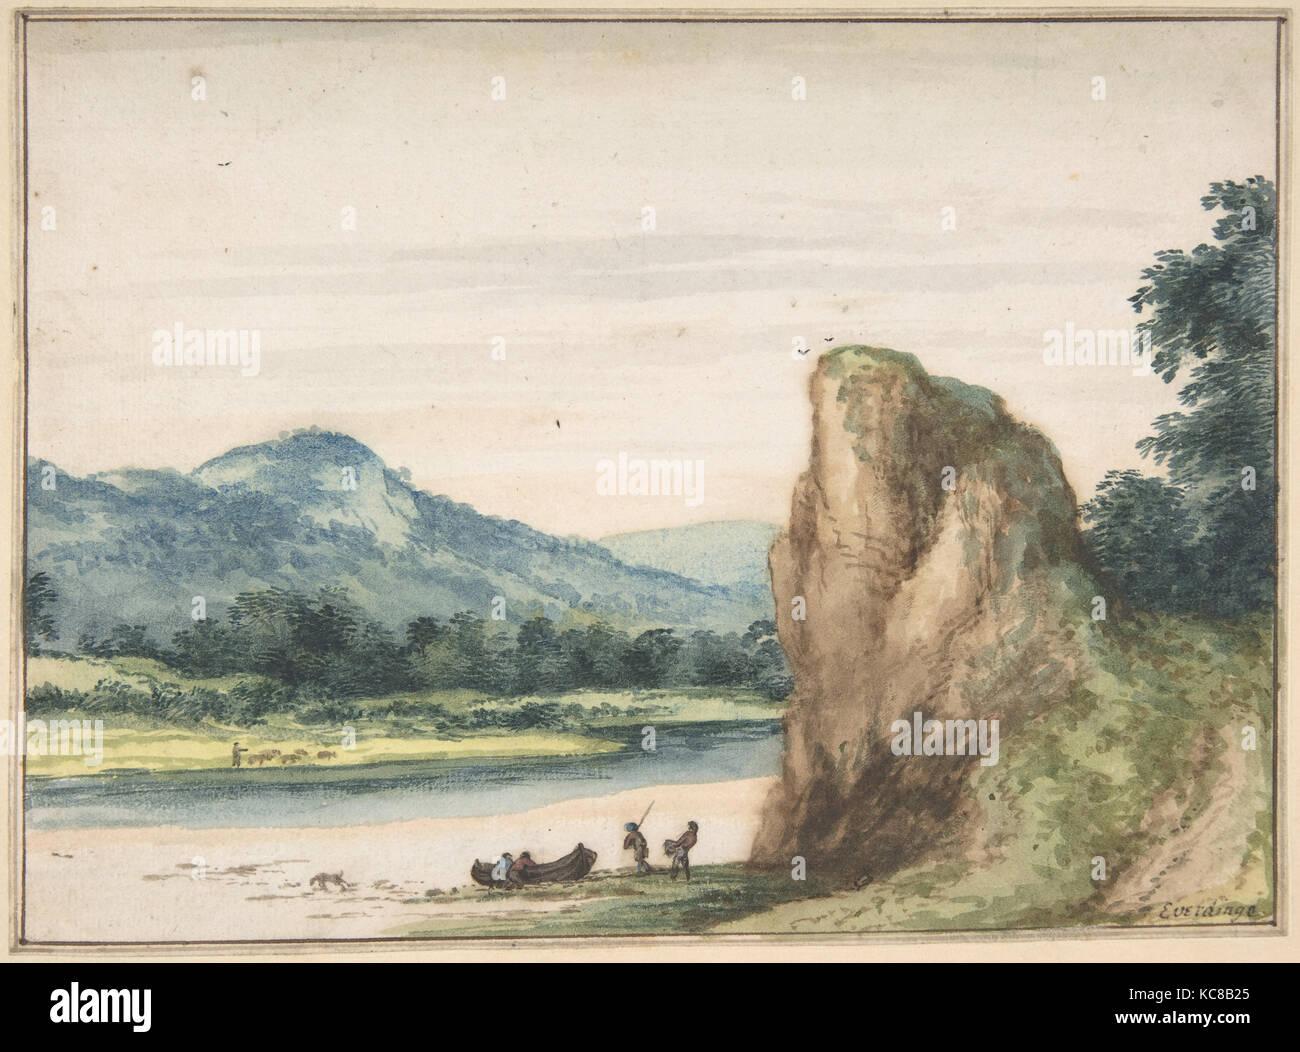 Landschaft, Mitte des 17. Jahrhunderts, Aquarelle. Framing in Stift und Tinte. Braun, 5 5/8 x 7 5/8 in. (14,3 x Stockbild